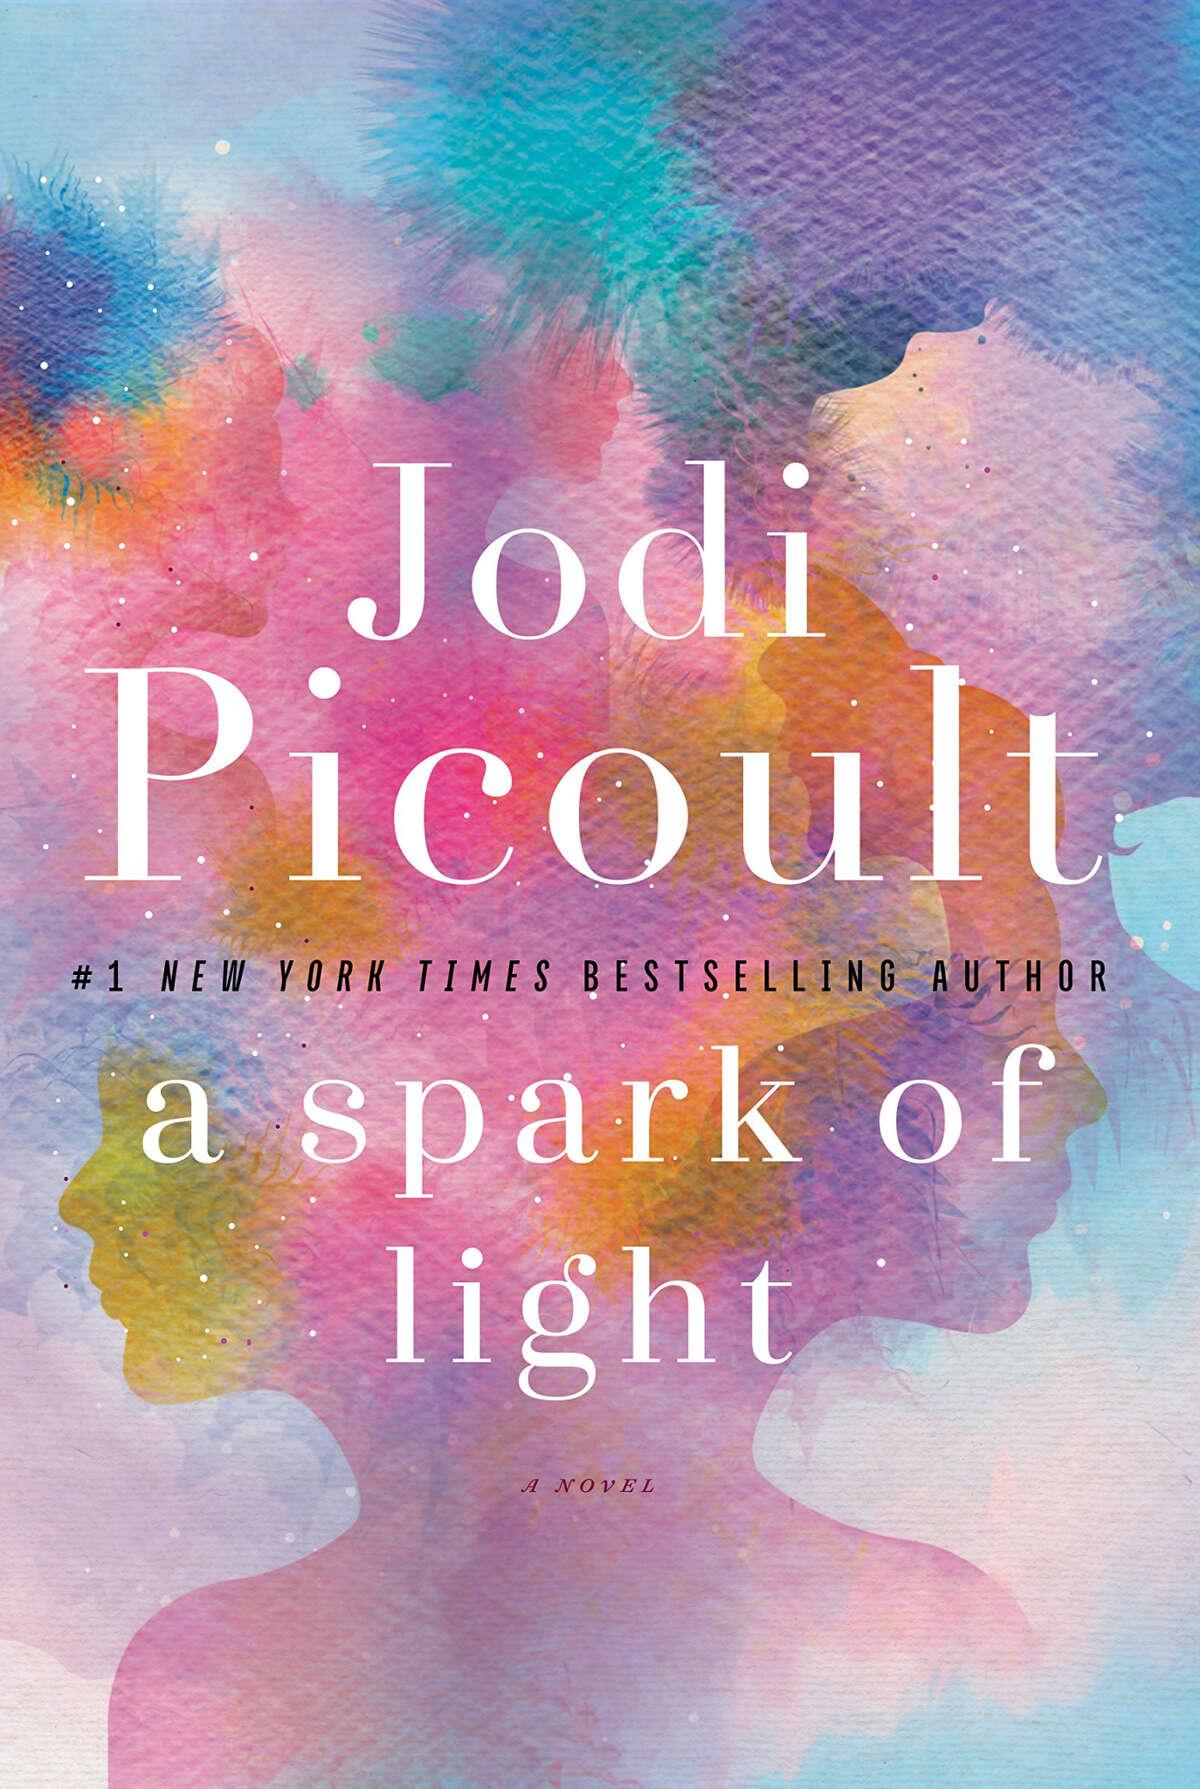 Cover image for Jodi Picoult's novel